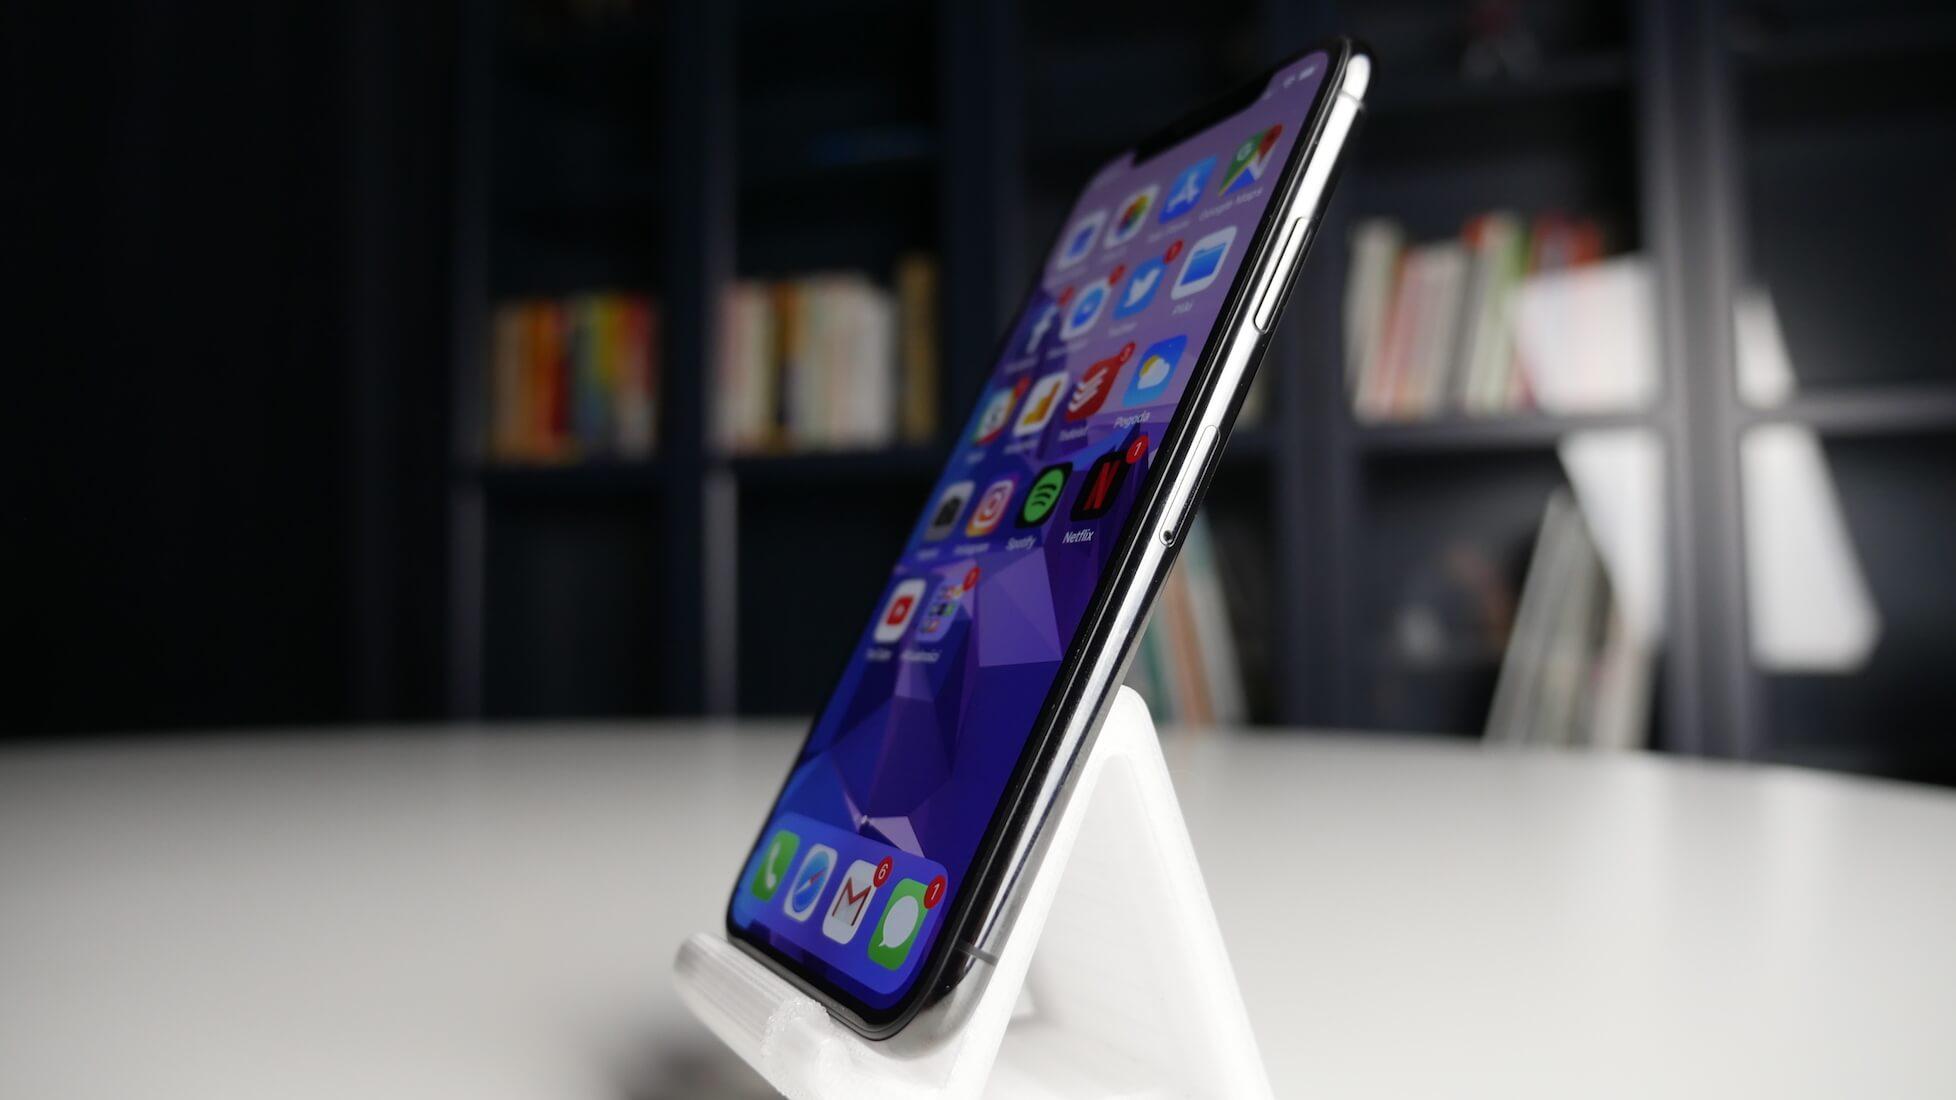 iPhone X recenzja - widok telefonu z boku